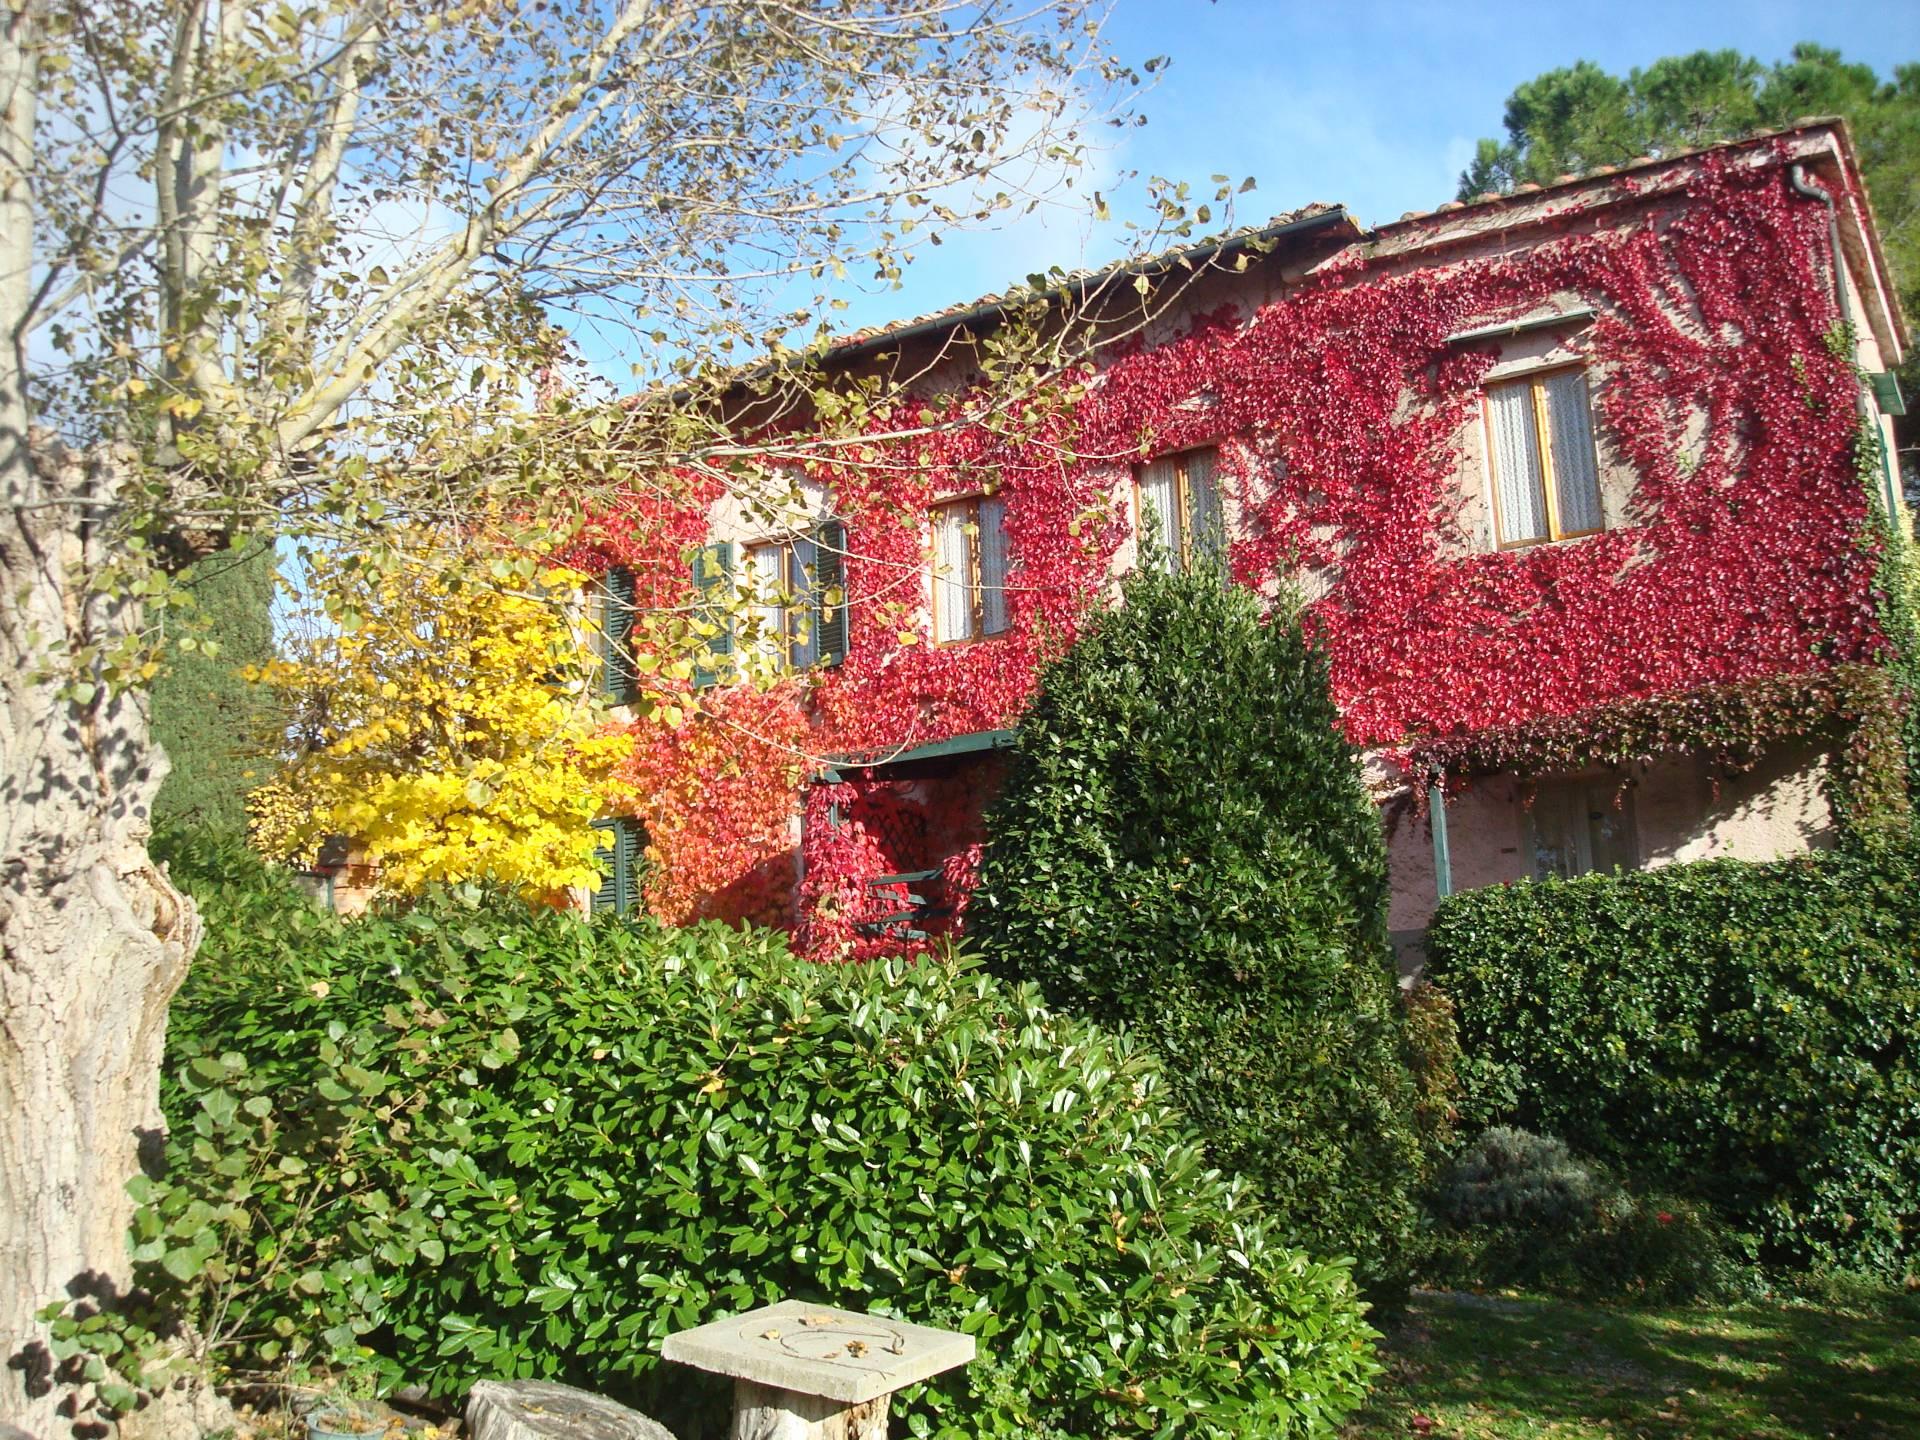 Appartamento in vendita a Casole d'Elsa, 9999 locali, zona Zona: Cavallano, prezzo € 2.950.000 | Cambio Casa.it